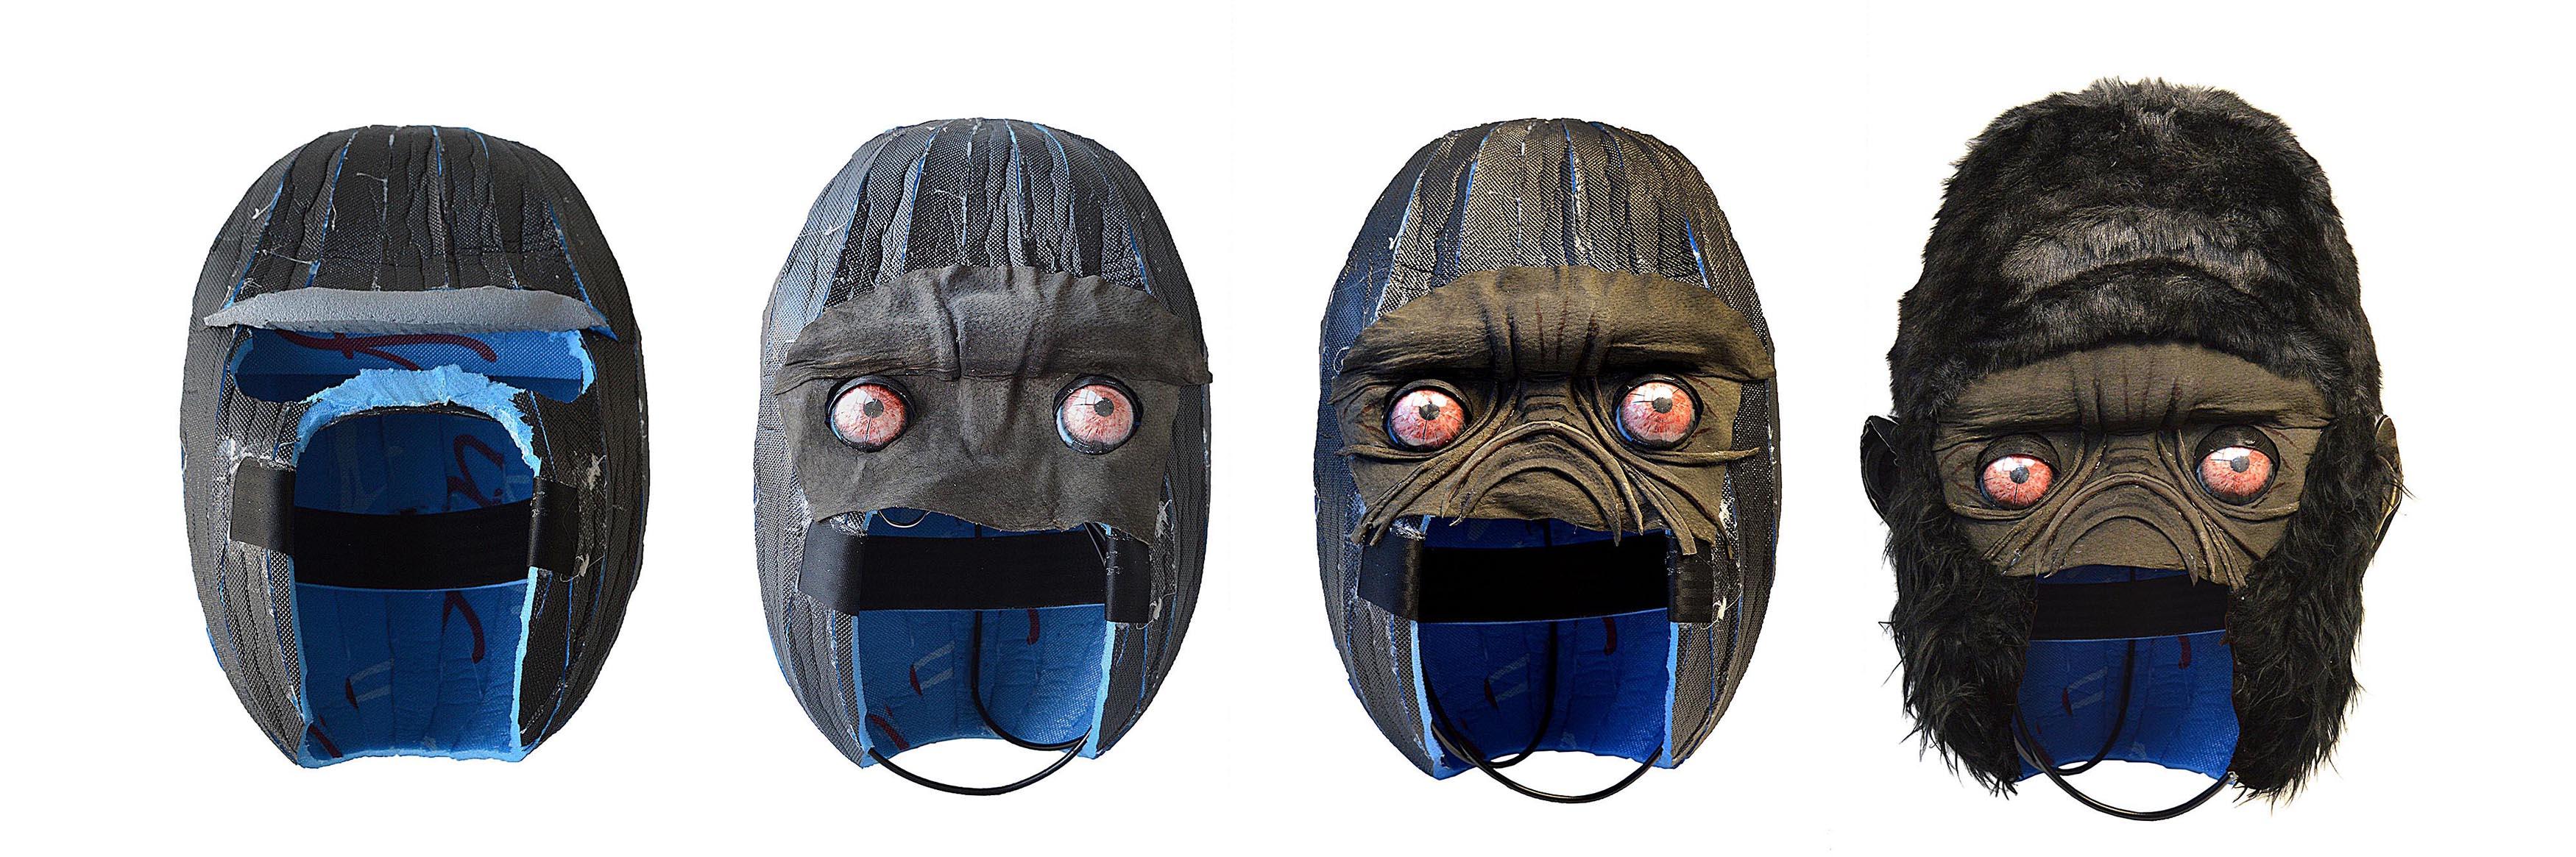 Gorilla-Kopf-Aufbau